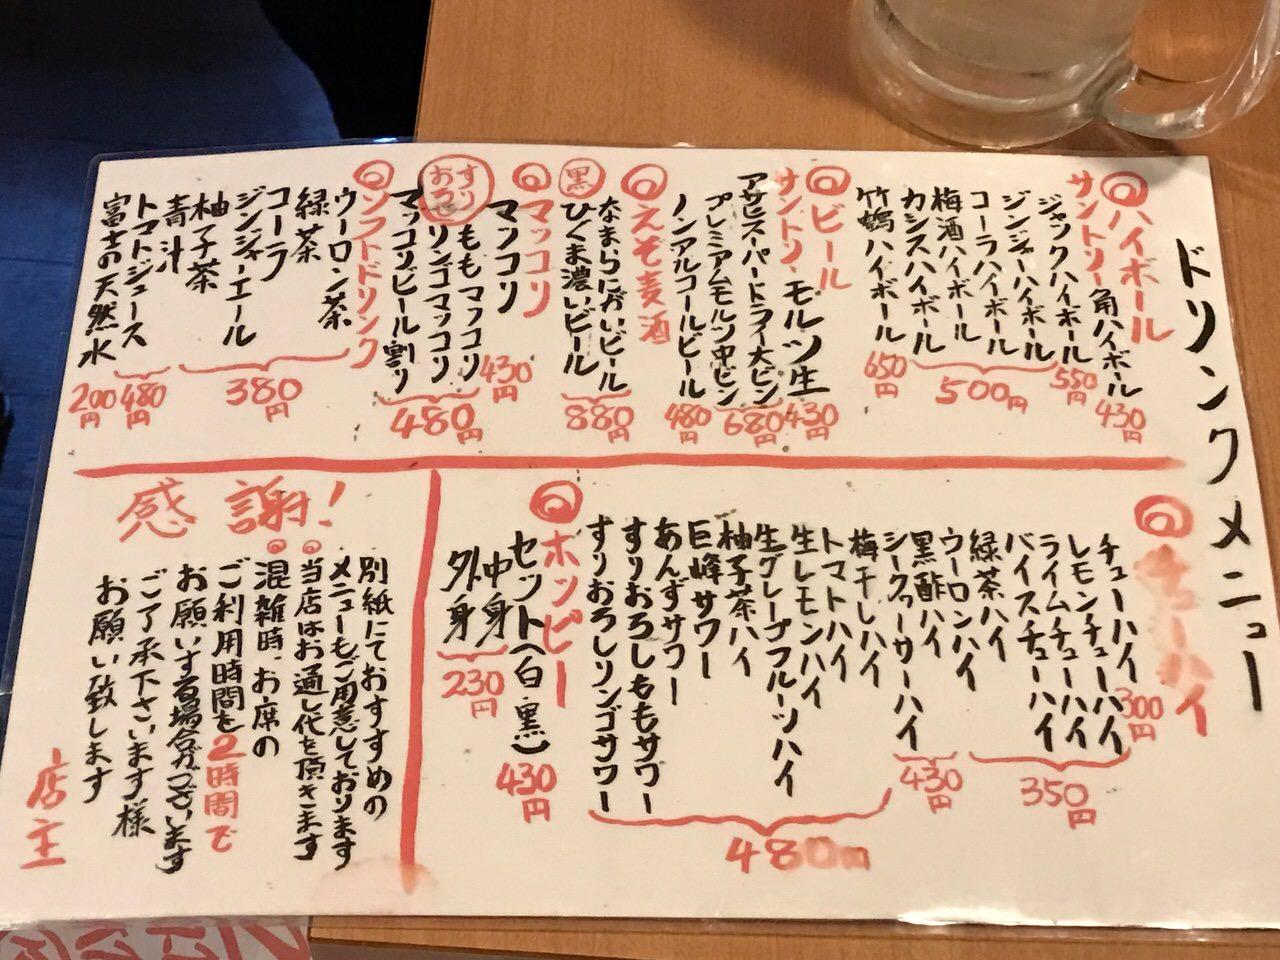 Momonjiya kanda 9659